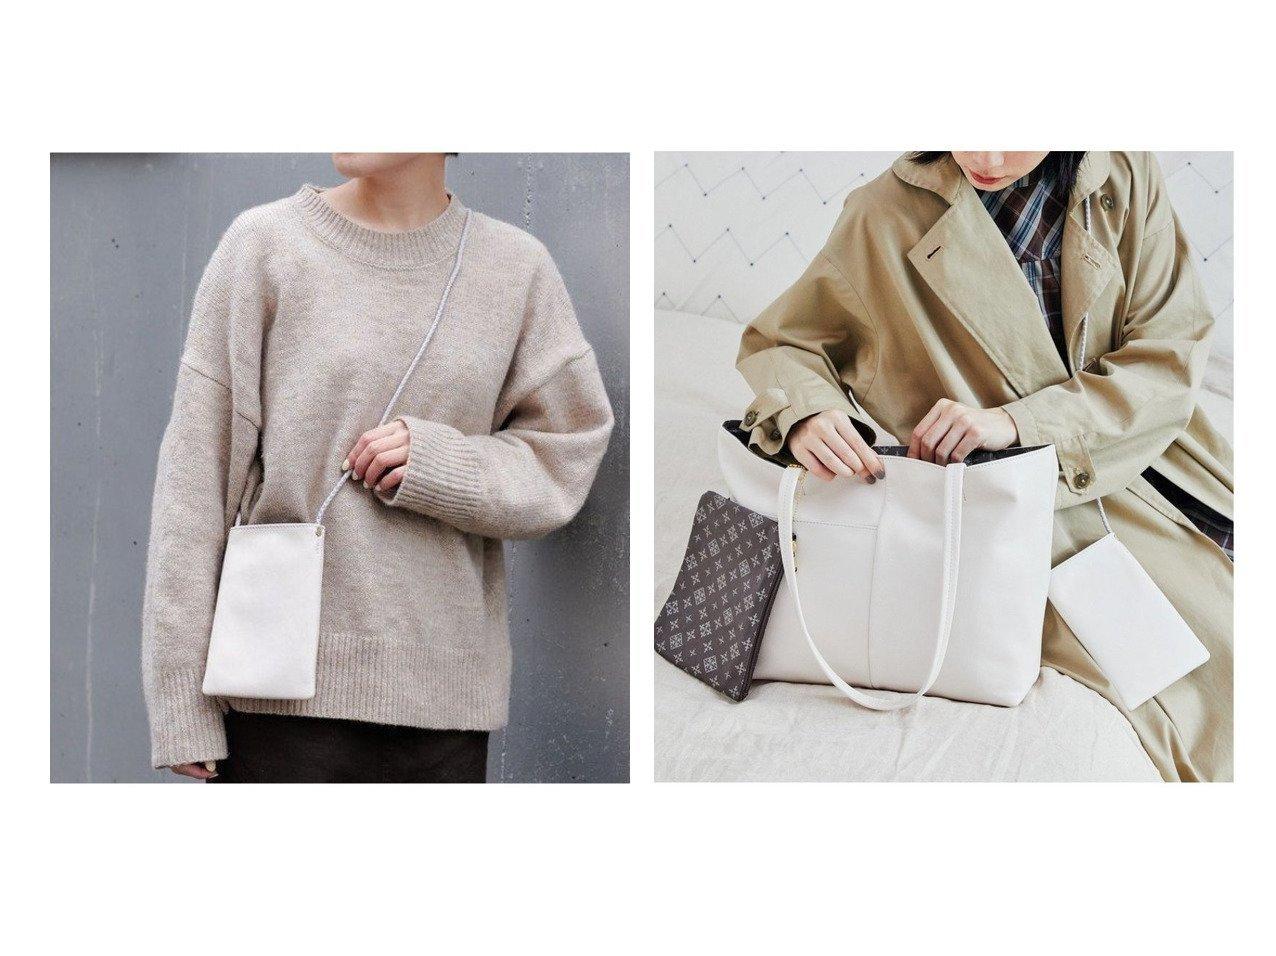 【russet/ラシット】のソフトレザートートバッグ(CE-923)&【NEW】ソフトレザーフォーンバッグ(CE-806) russetのおすすめ!人気、トレンド・レディースファッションの通販 おすすめで人気の流行・トレンド、ファッションの通販商品 メンズファッション・キッズファッション・インテリア・家具・レディースファッション・服の通販 founy(ファニー) https://founy.com/ ファッション Fashion レディースファッション WOMEN 財布 Wallets バッグ Bag シンプル スマート 財布 人気 送料無料 Free Shipping NEW・新作・新着・新入荷 New Arrivals アシンメトリー ポケット ポーチ マグネット モノトーン |ID:crp329100000018607